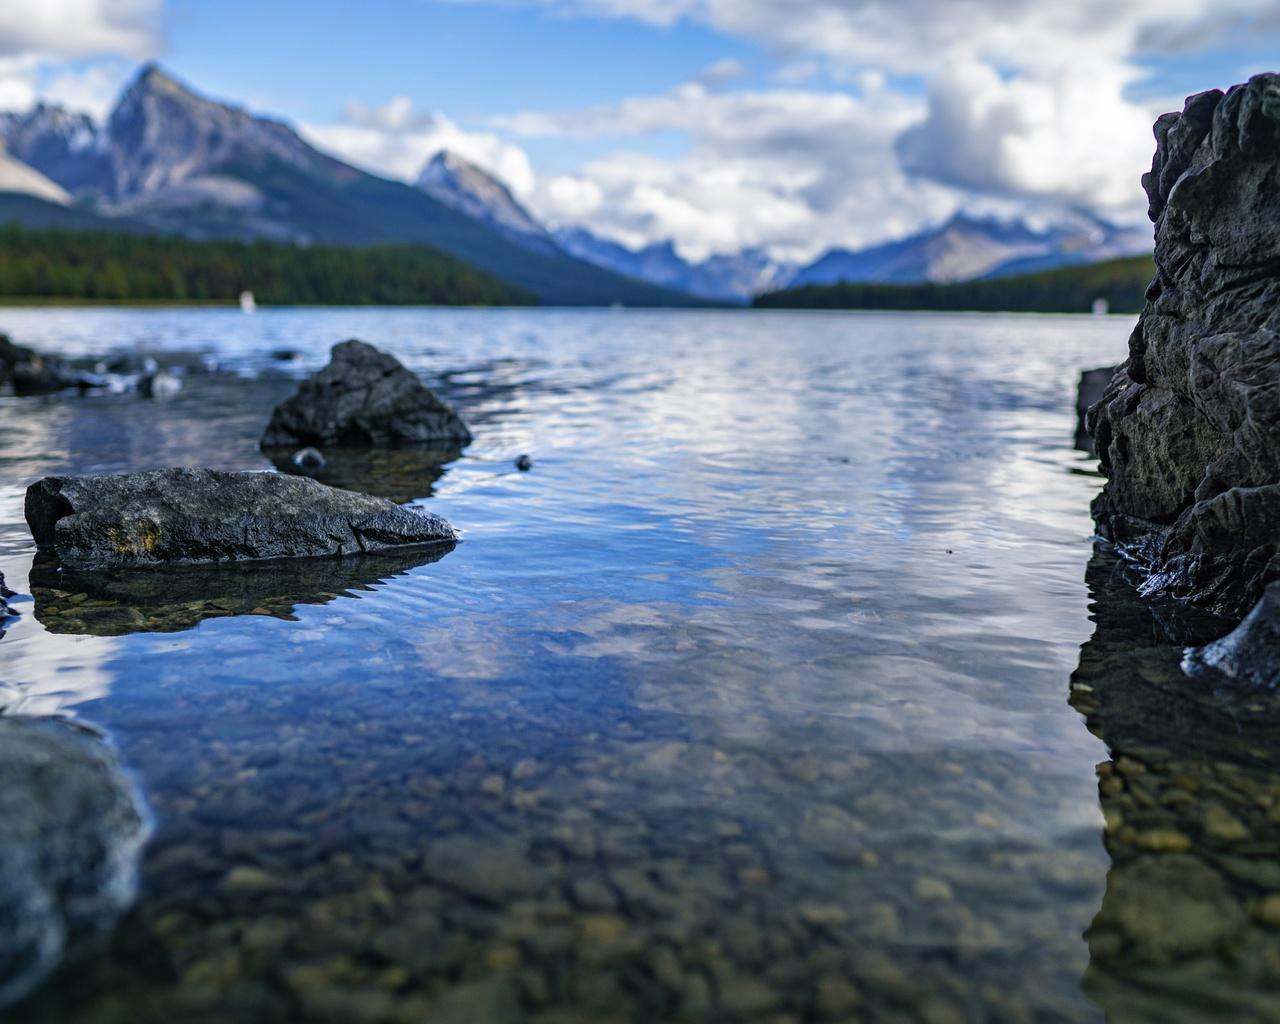 озеро, камни, горы